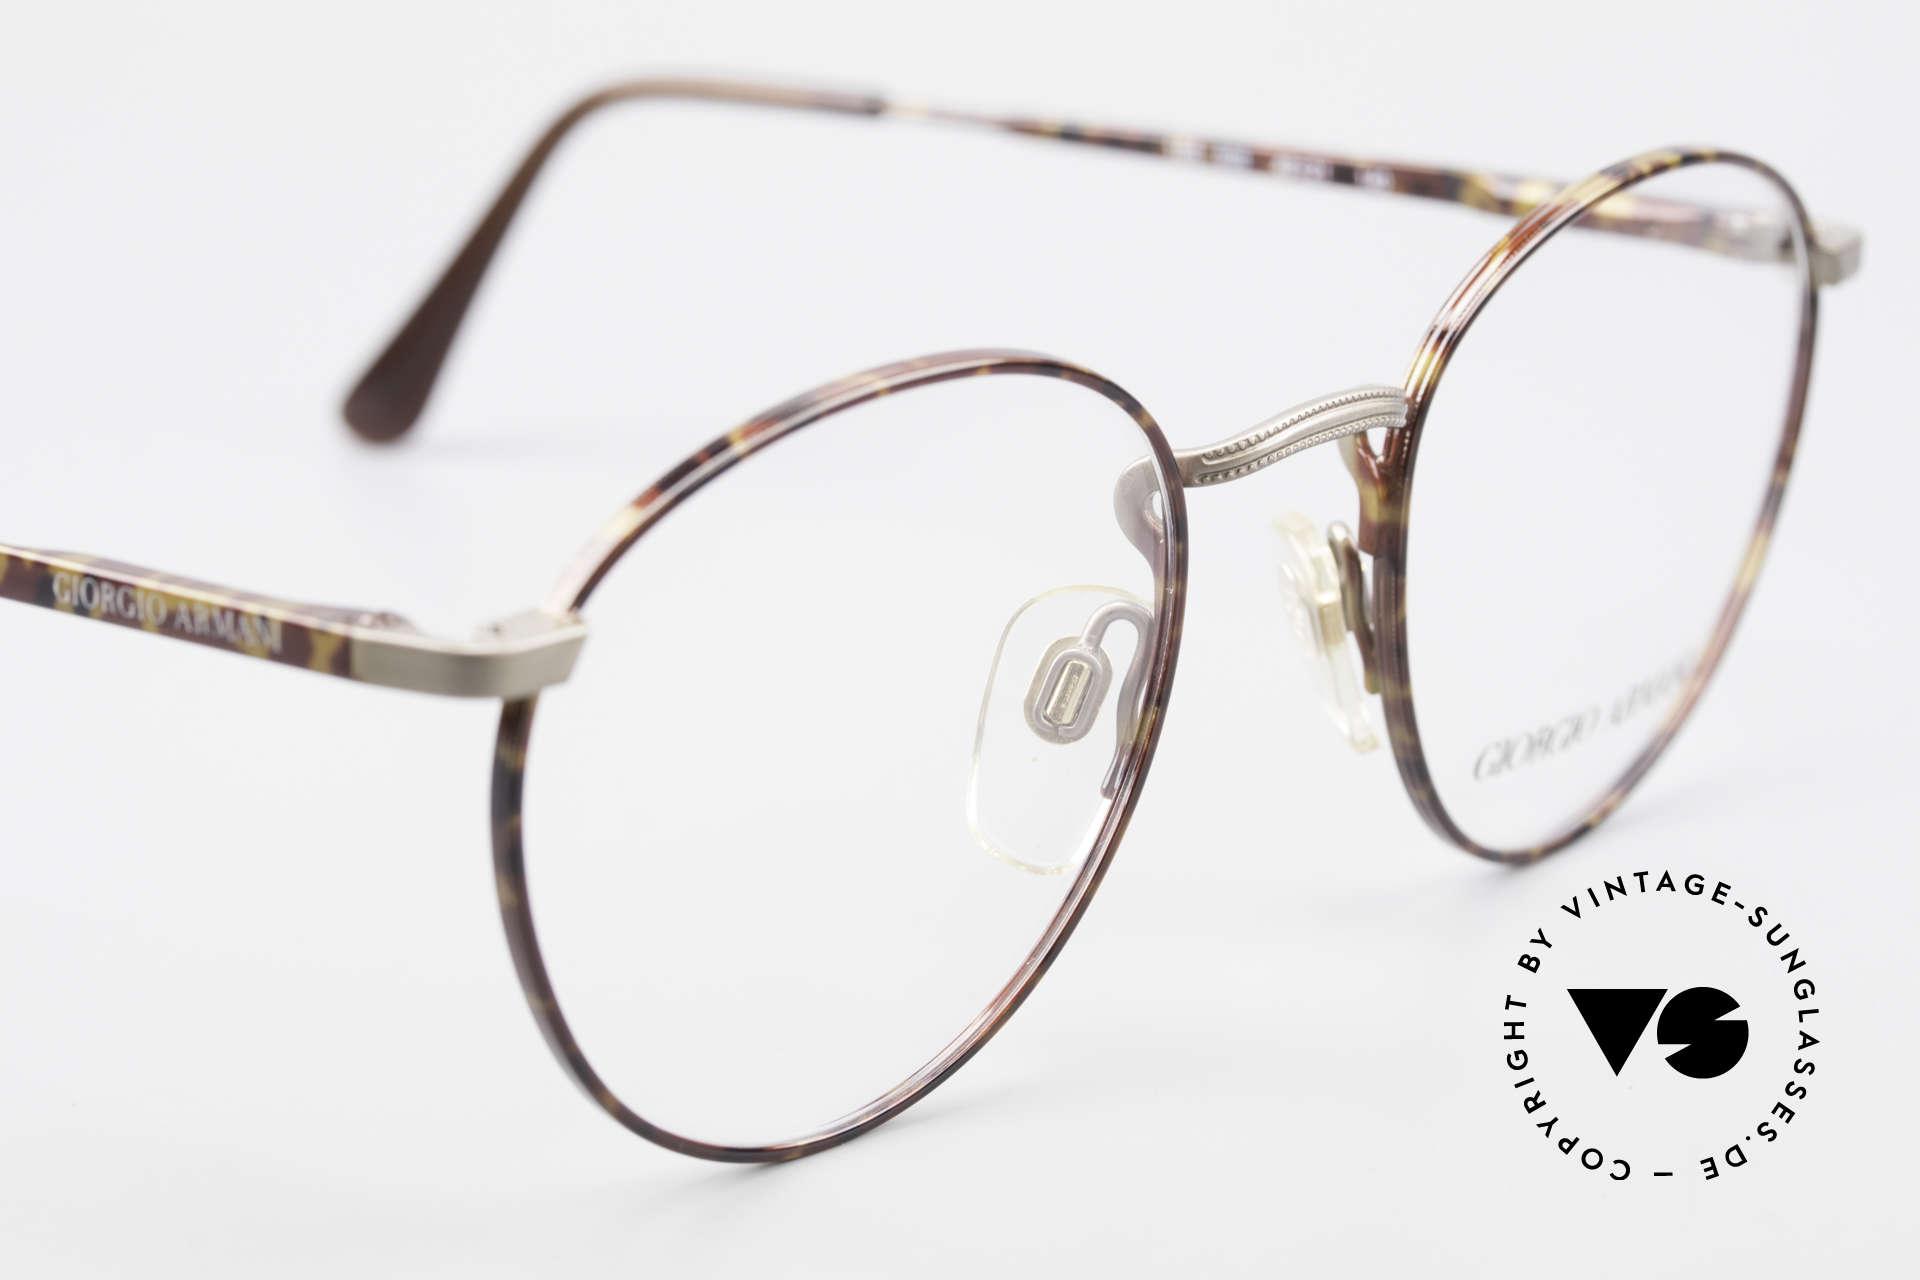 Giorgio Armani 166 No Retro Glasses 80's Panto, NO RETRO EYEWEAR, but a 30 years old ORIGINAL!, Made for Men